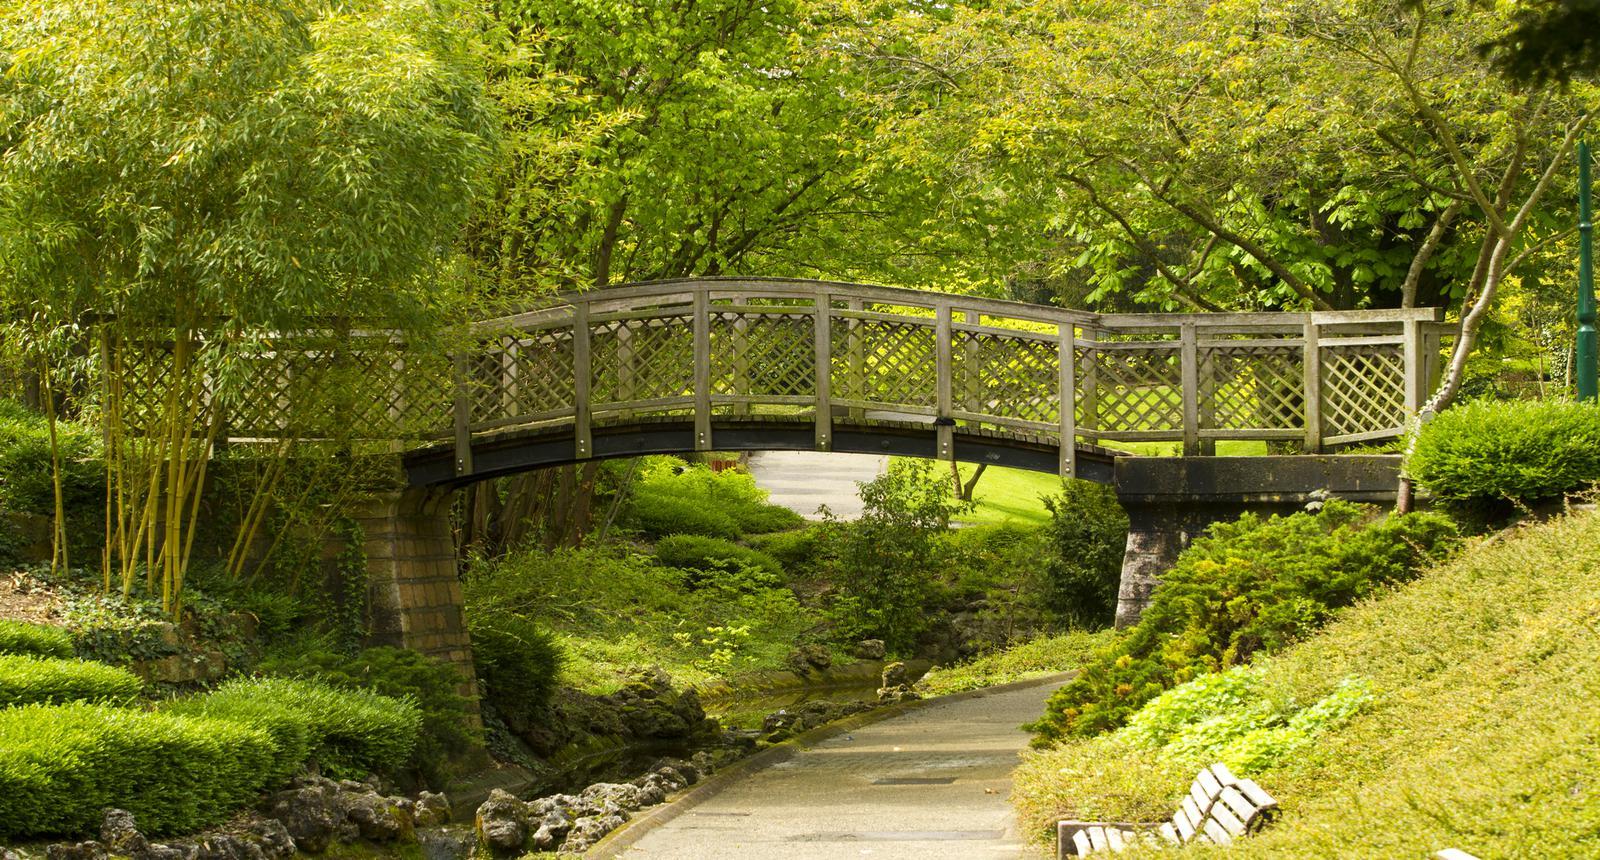 Jardin public, Troyes